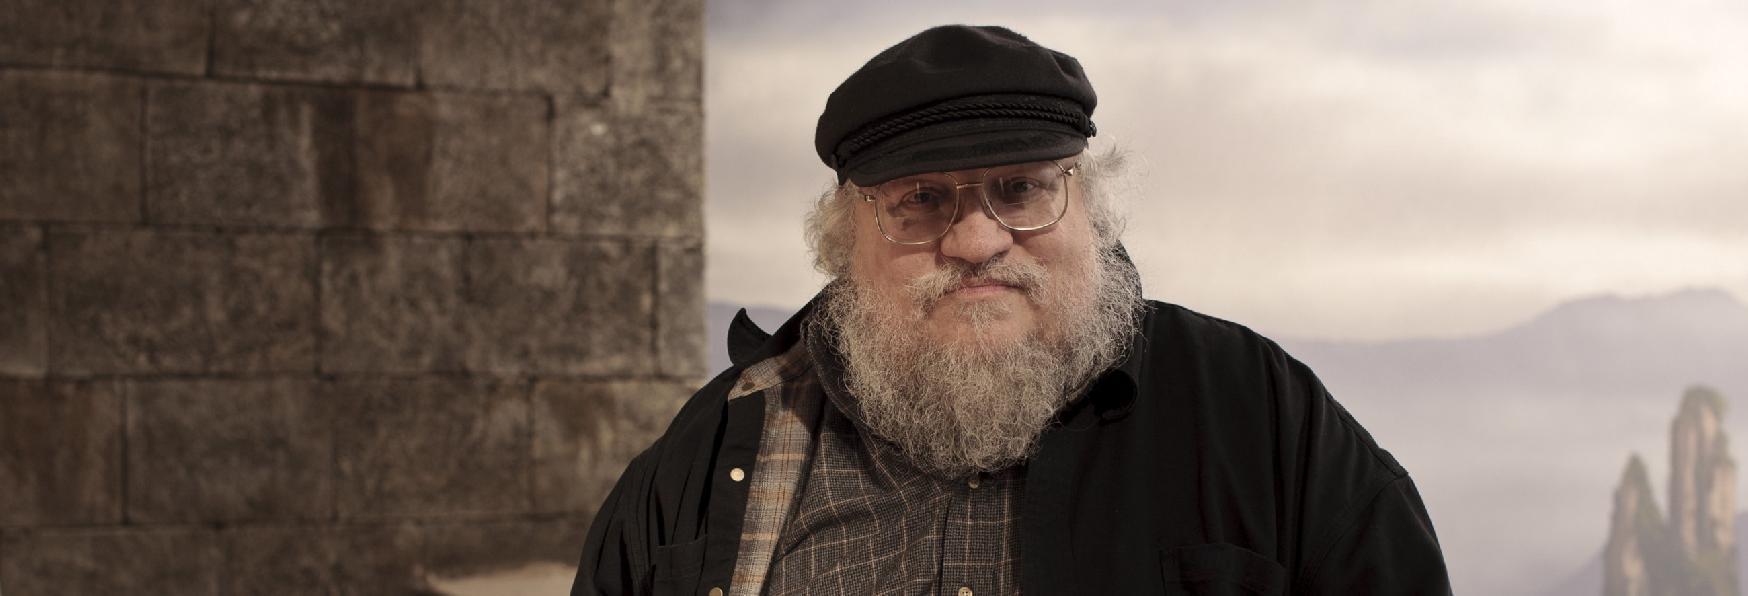 The Long Night: George R. R. Martin parla dello Spin-off di Game of Thrones